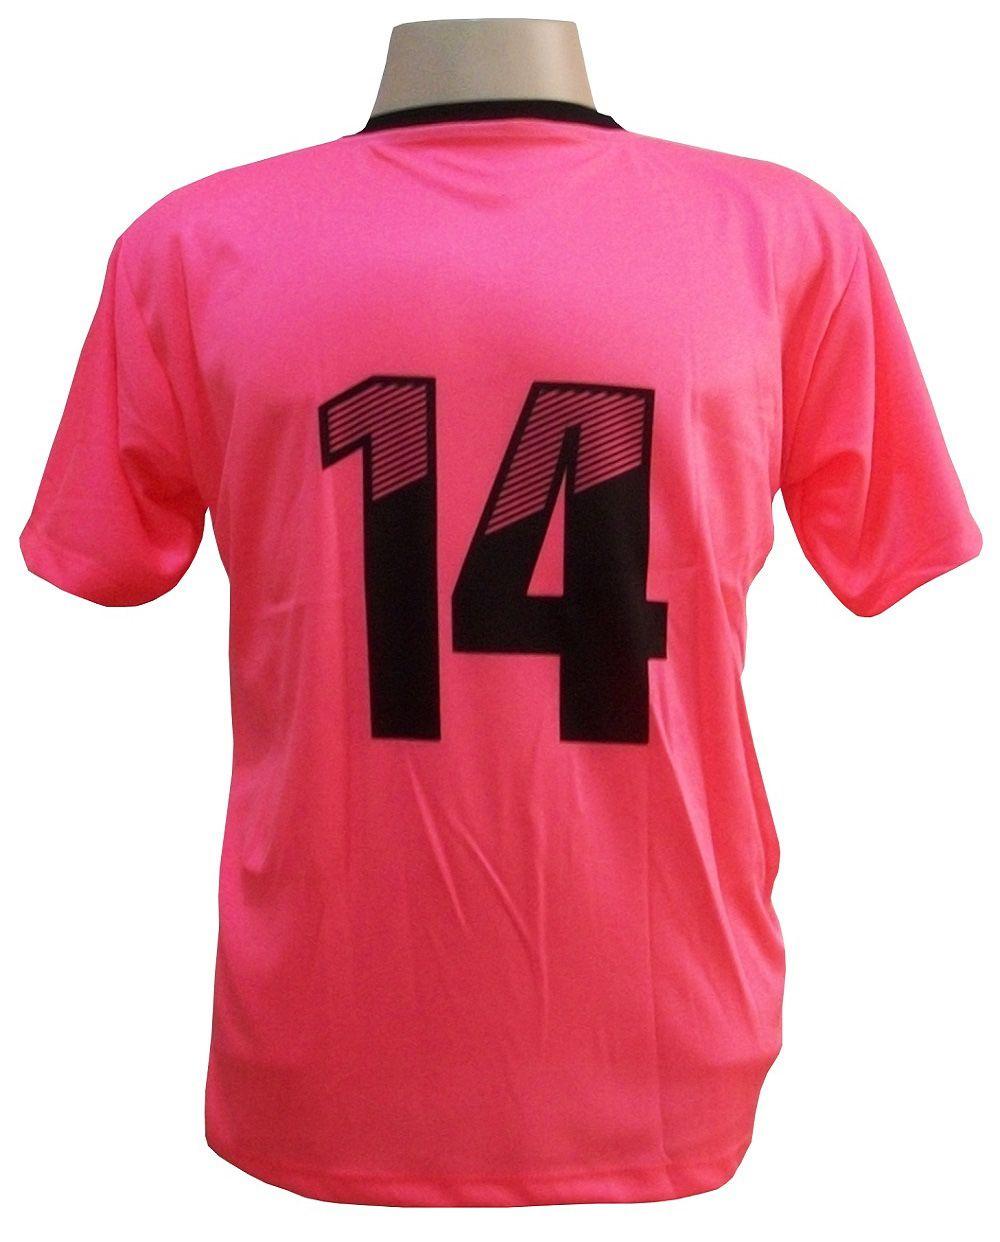 Uniforme Esportivo com 12 camisas modelo Roma Rosa/Preto + 12 calções modelo Madrid Preto + Brindes